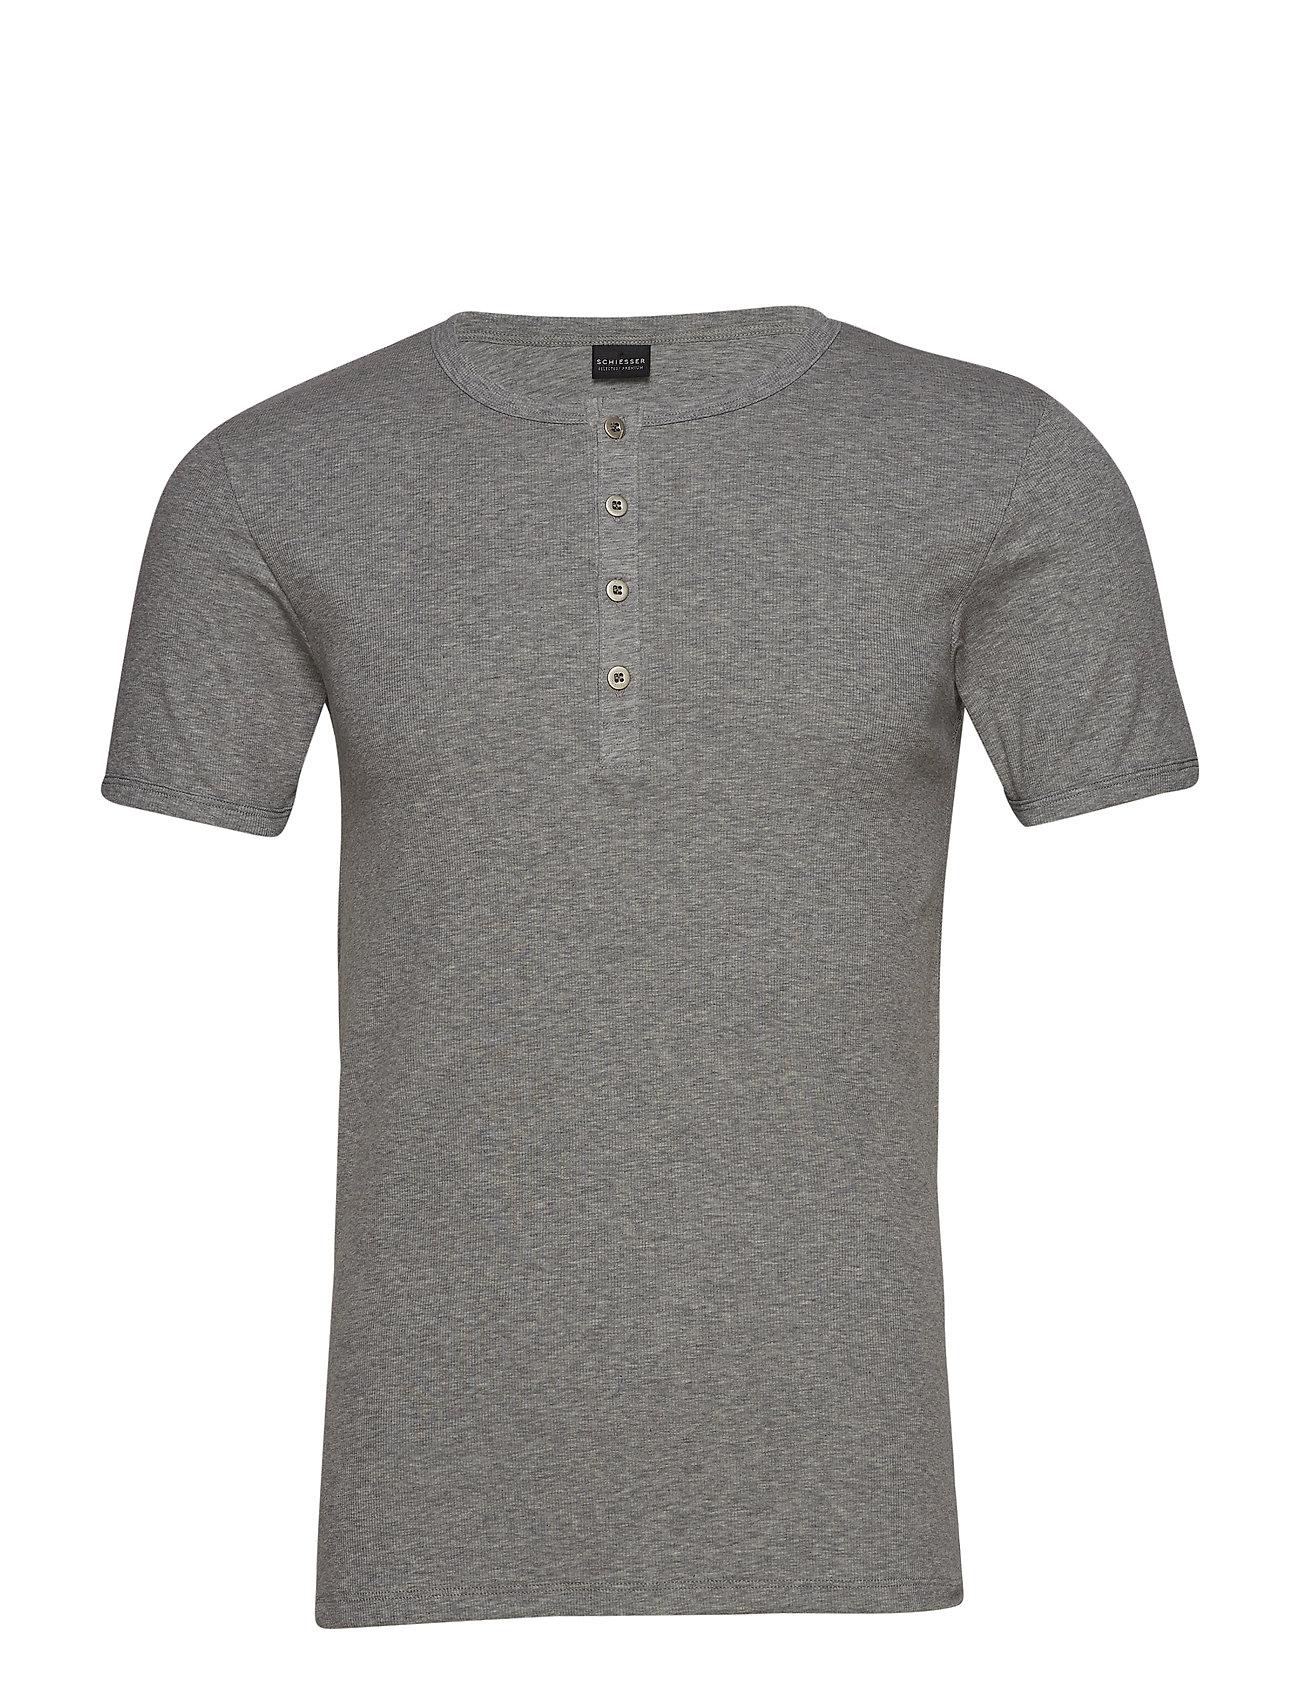 Schiesser Shirt 1/2 - GREY MELANGE